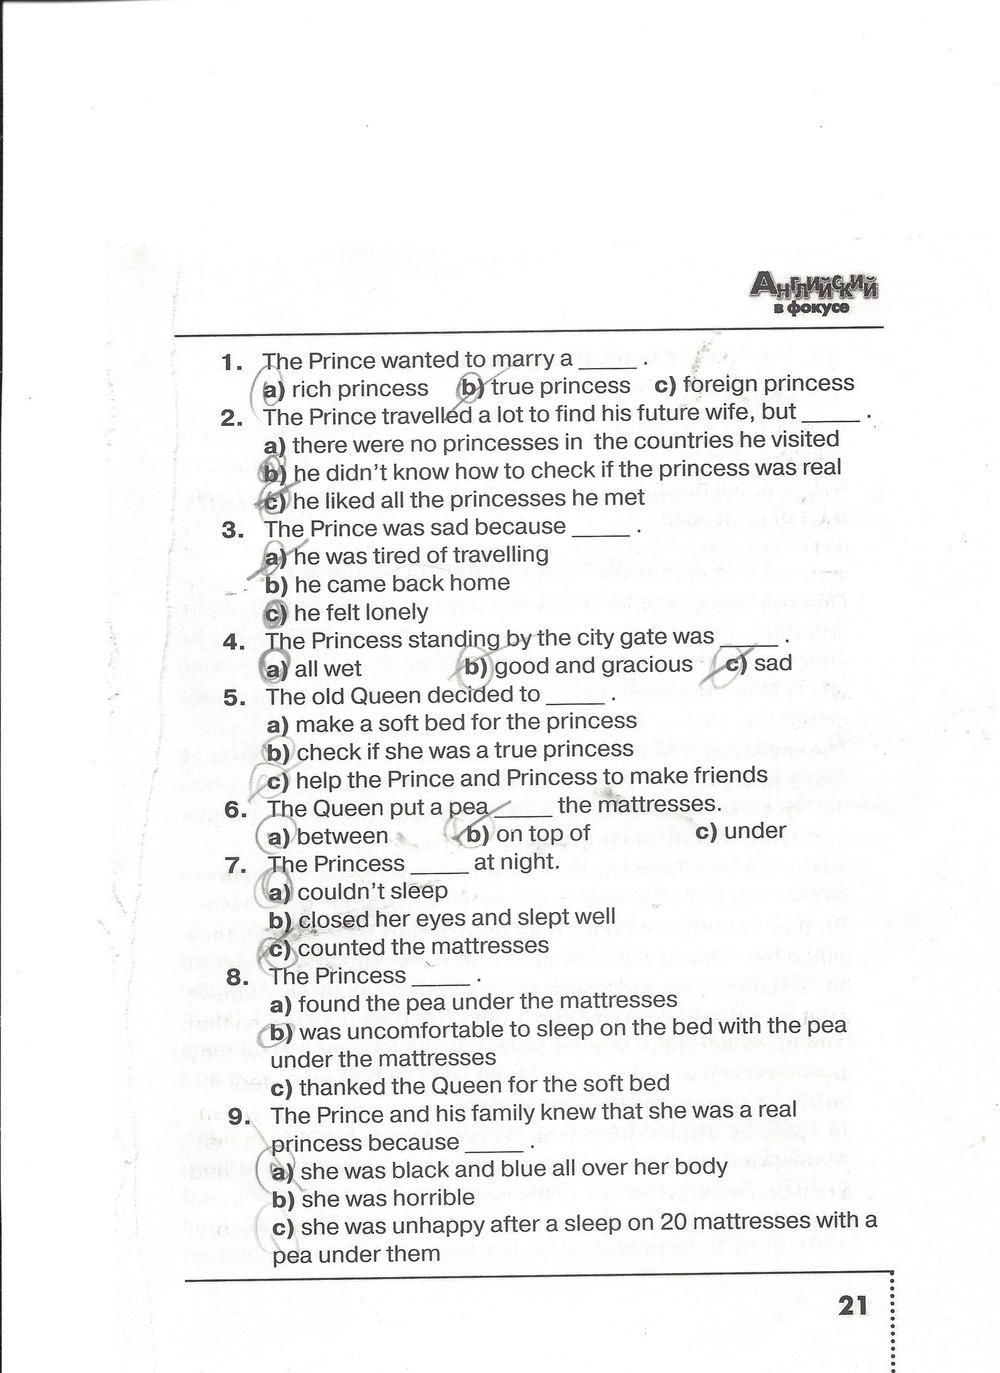 Гдз по печатной тетради английского языка на 7 класс